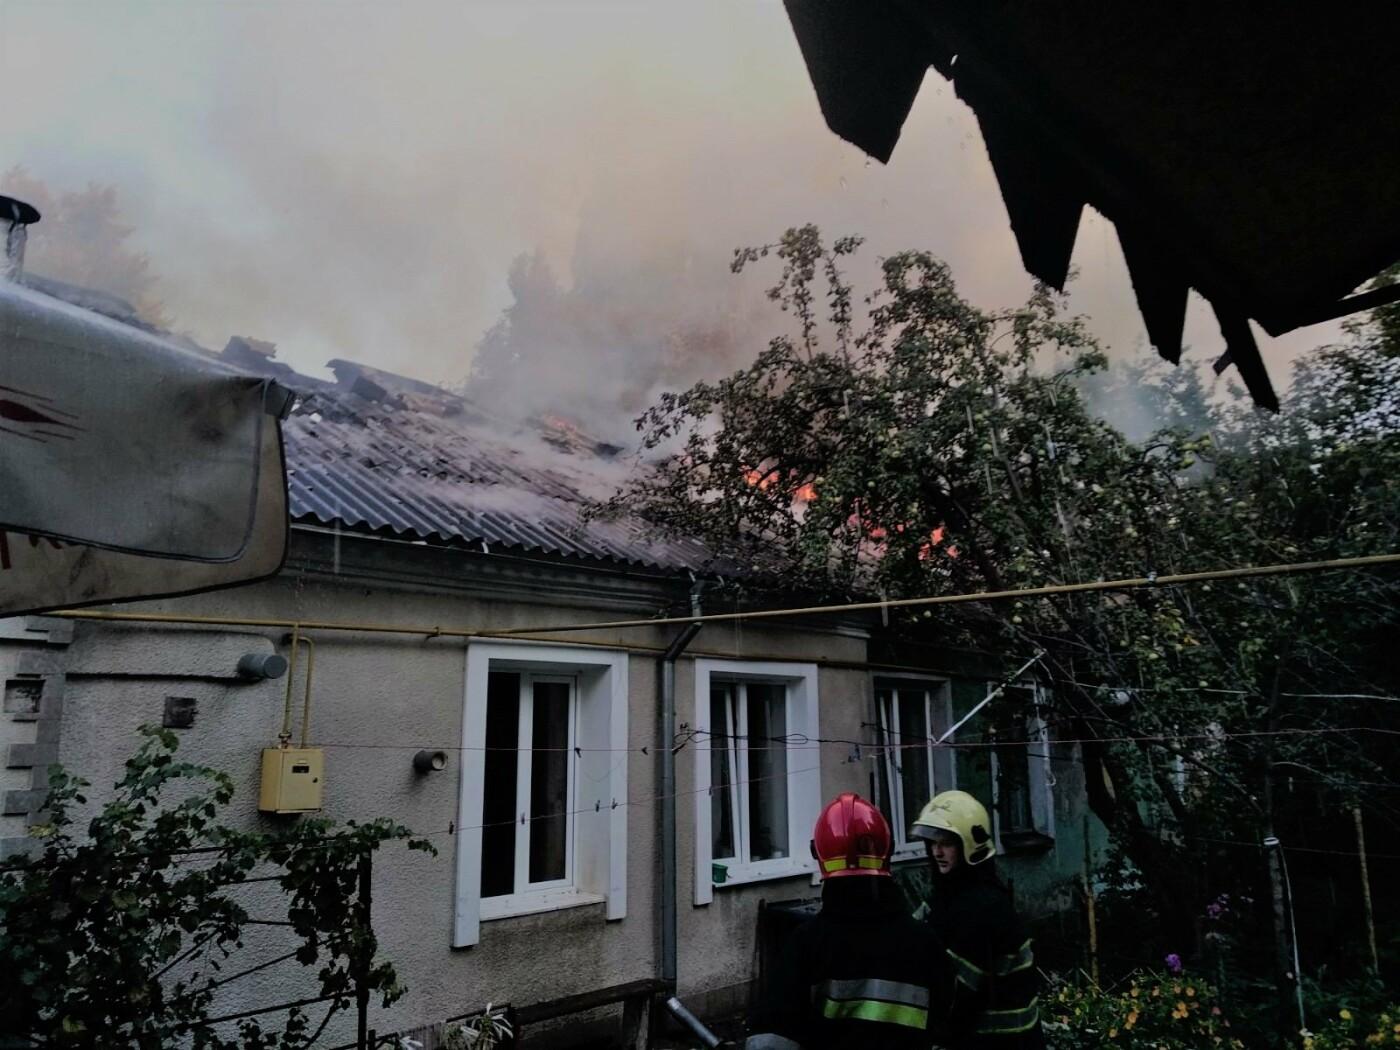 У Кам'янці-Подільському ліквідовували пожежу в приватному секторі, фото-4, Фото: ГУ ДСНС України у Хмельницькій області